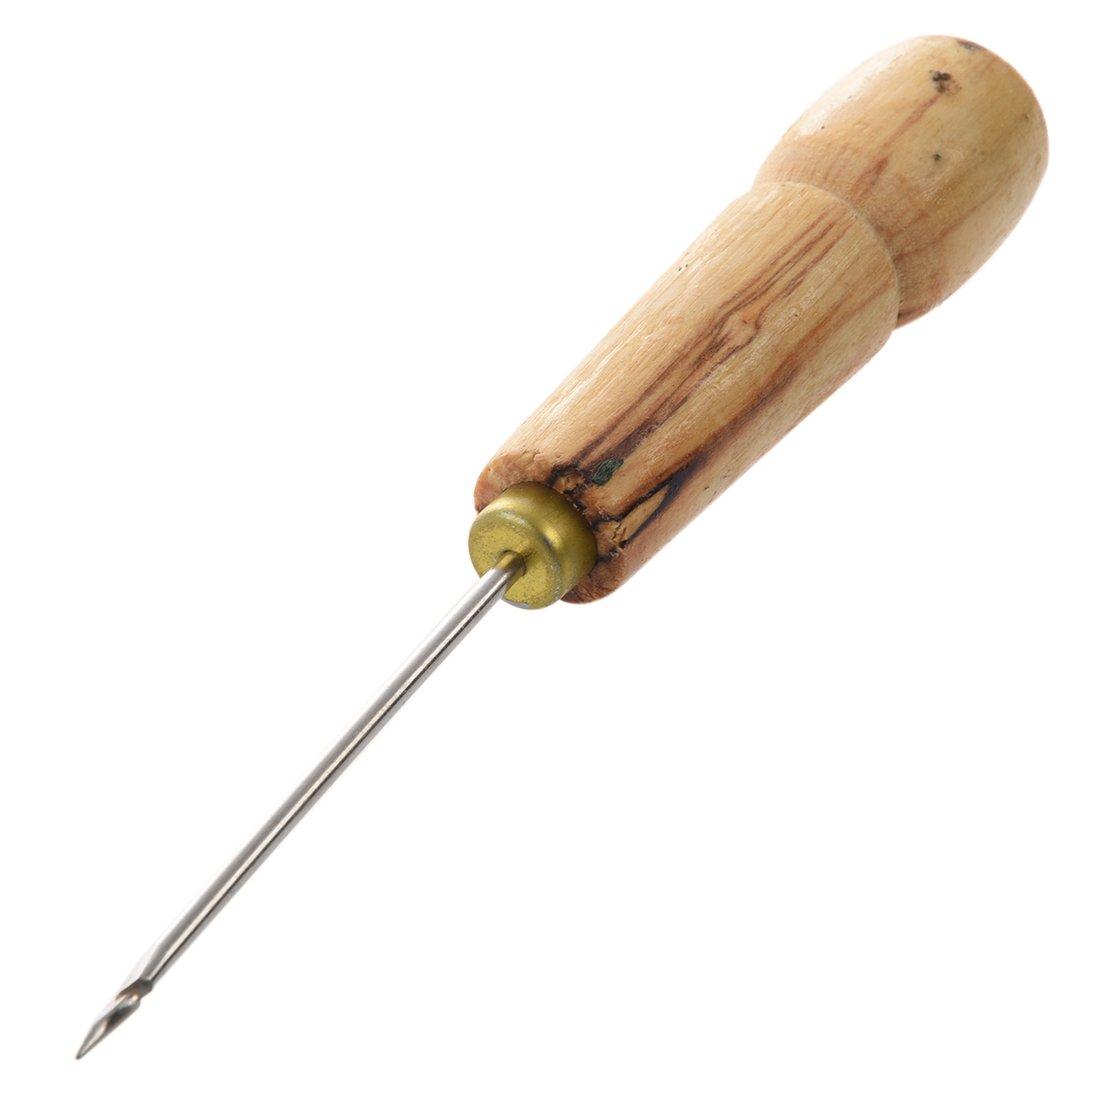 TOOGOO cucire Punteruolo Speedy Stitcher mano per Cuoio Tela R cucire Punteruolo